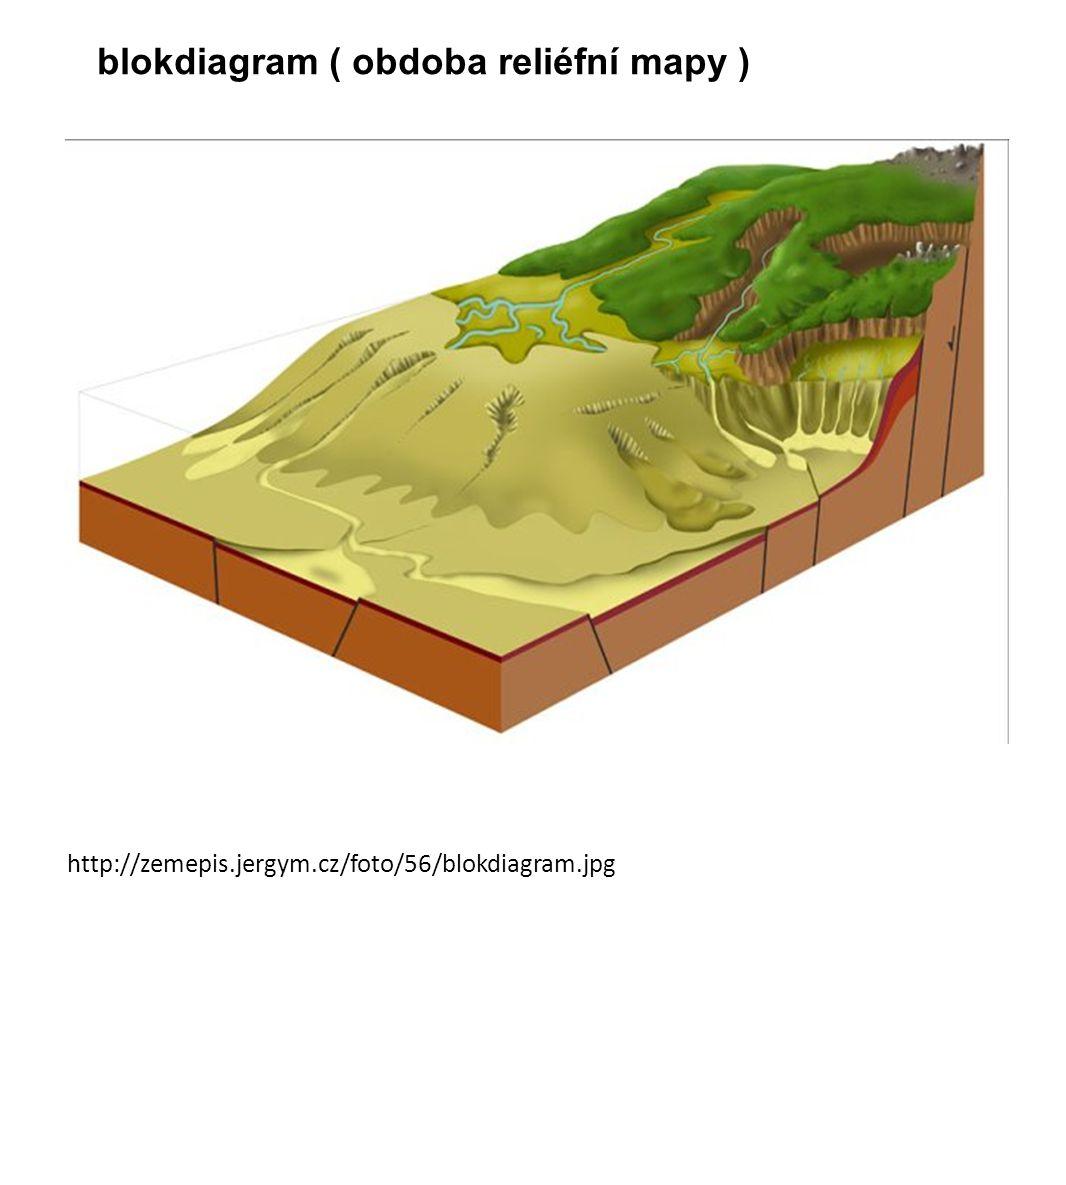 http://krkonosskatlapka.dogtrekking.info/obrazky/pohledovka_popis_tlapka_2012.jpg pohledová mapa